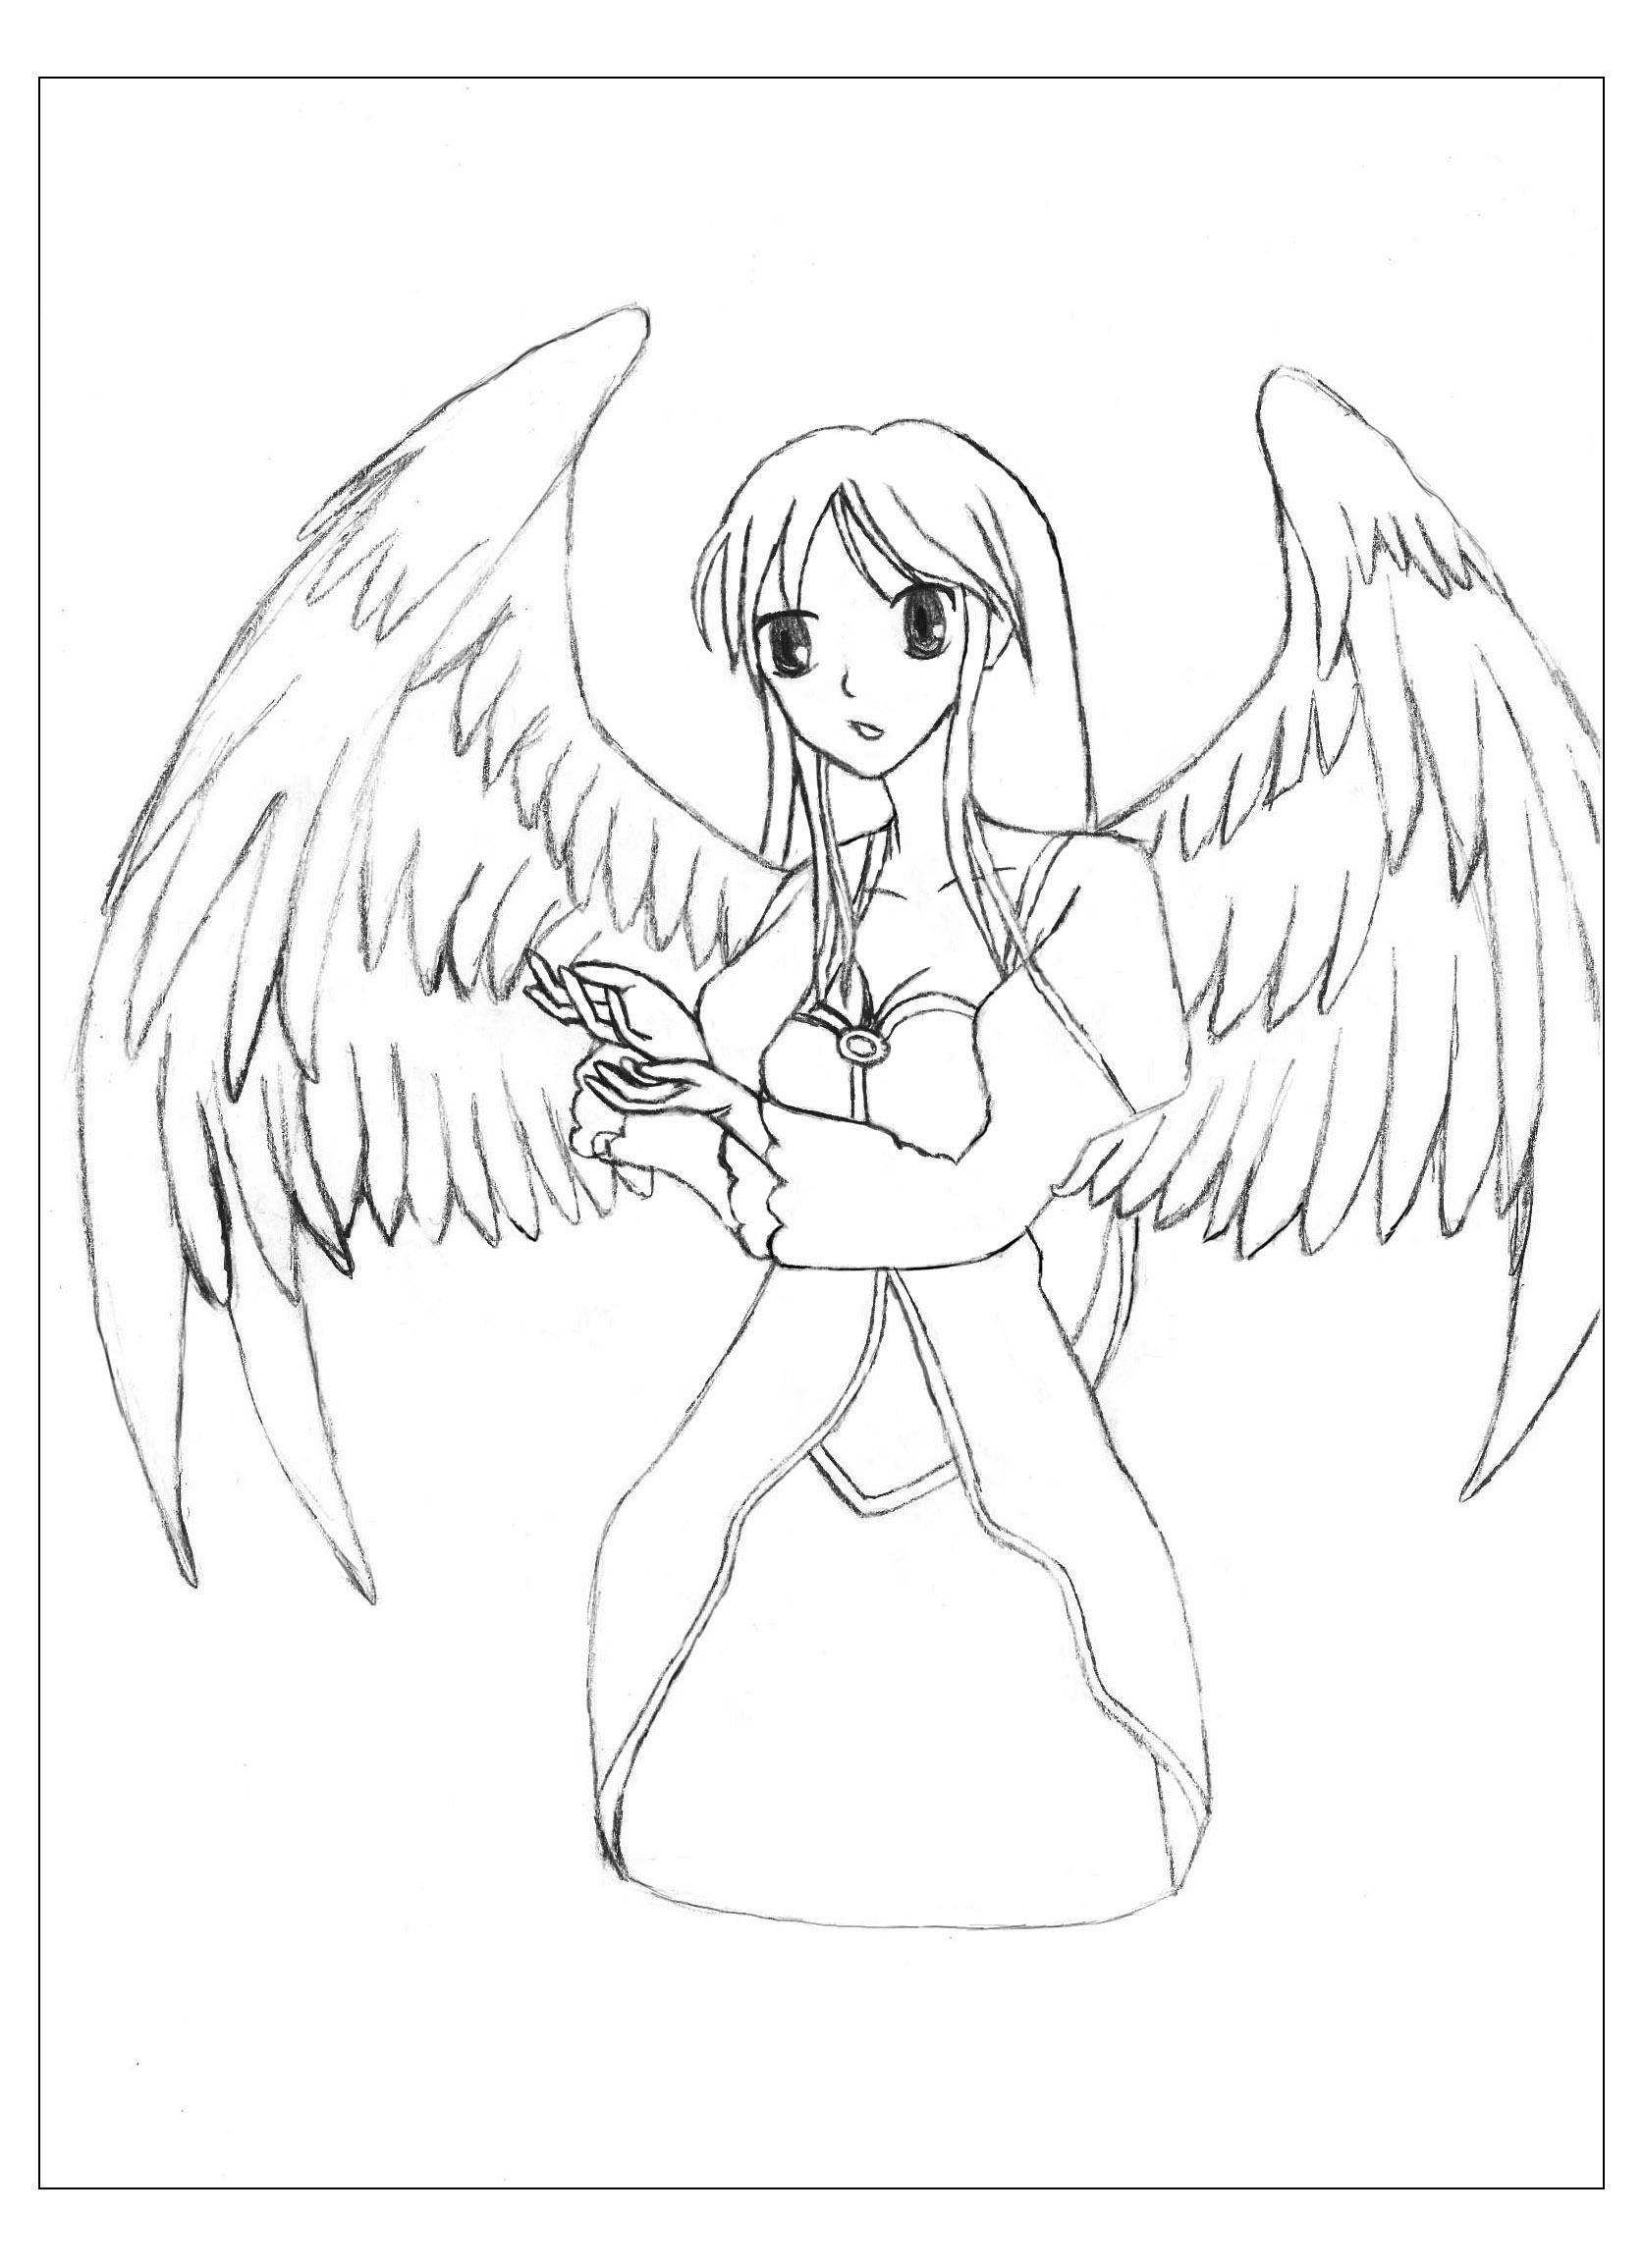 Un dessin original au style Manga d'une ange aux magnifiques ailesA partir de la galerie : MangasArtiste : Krissy